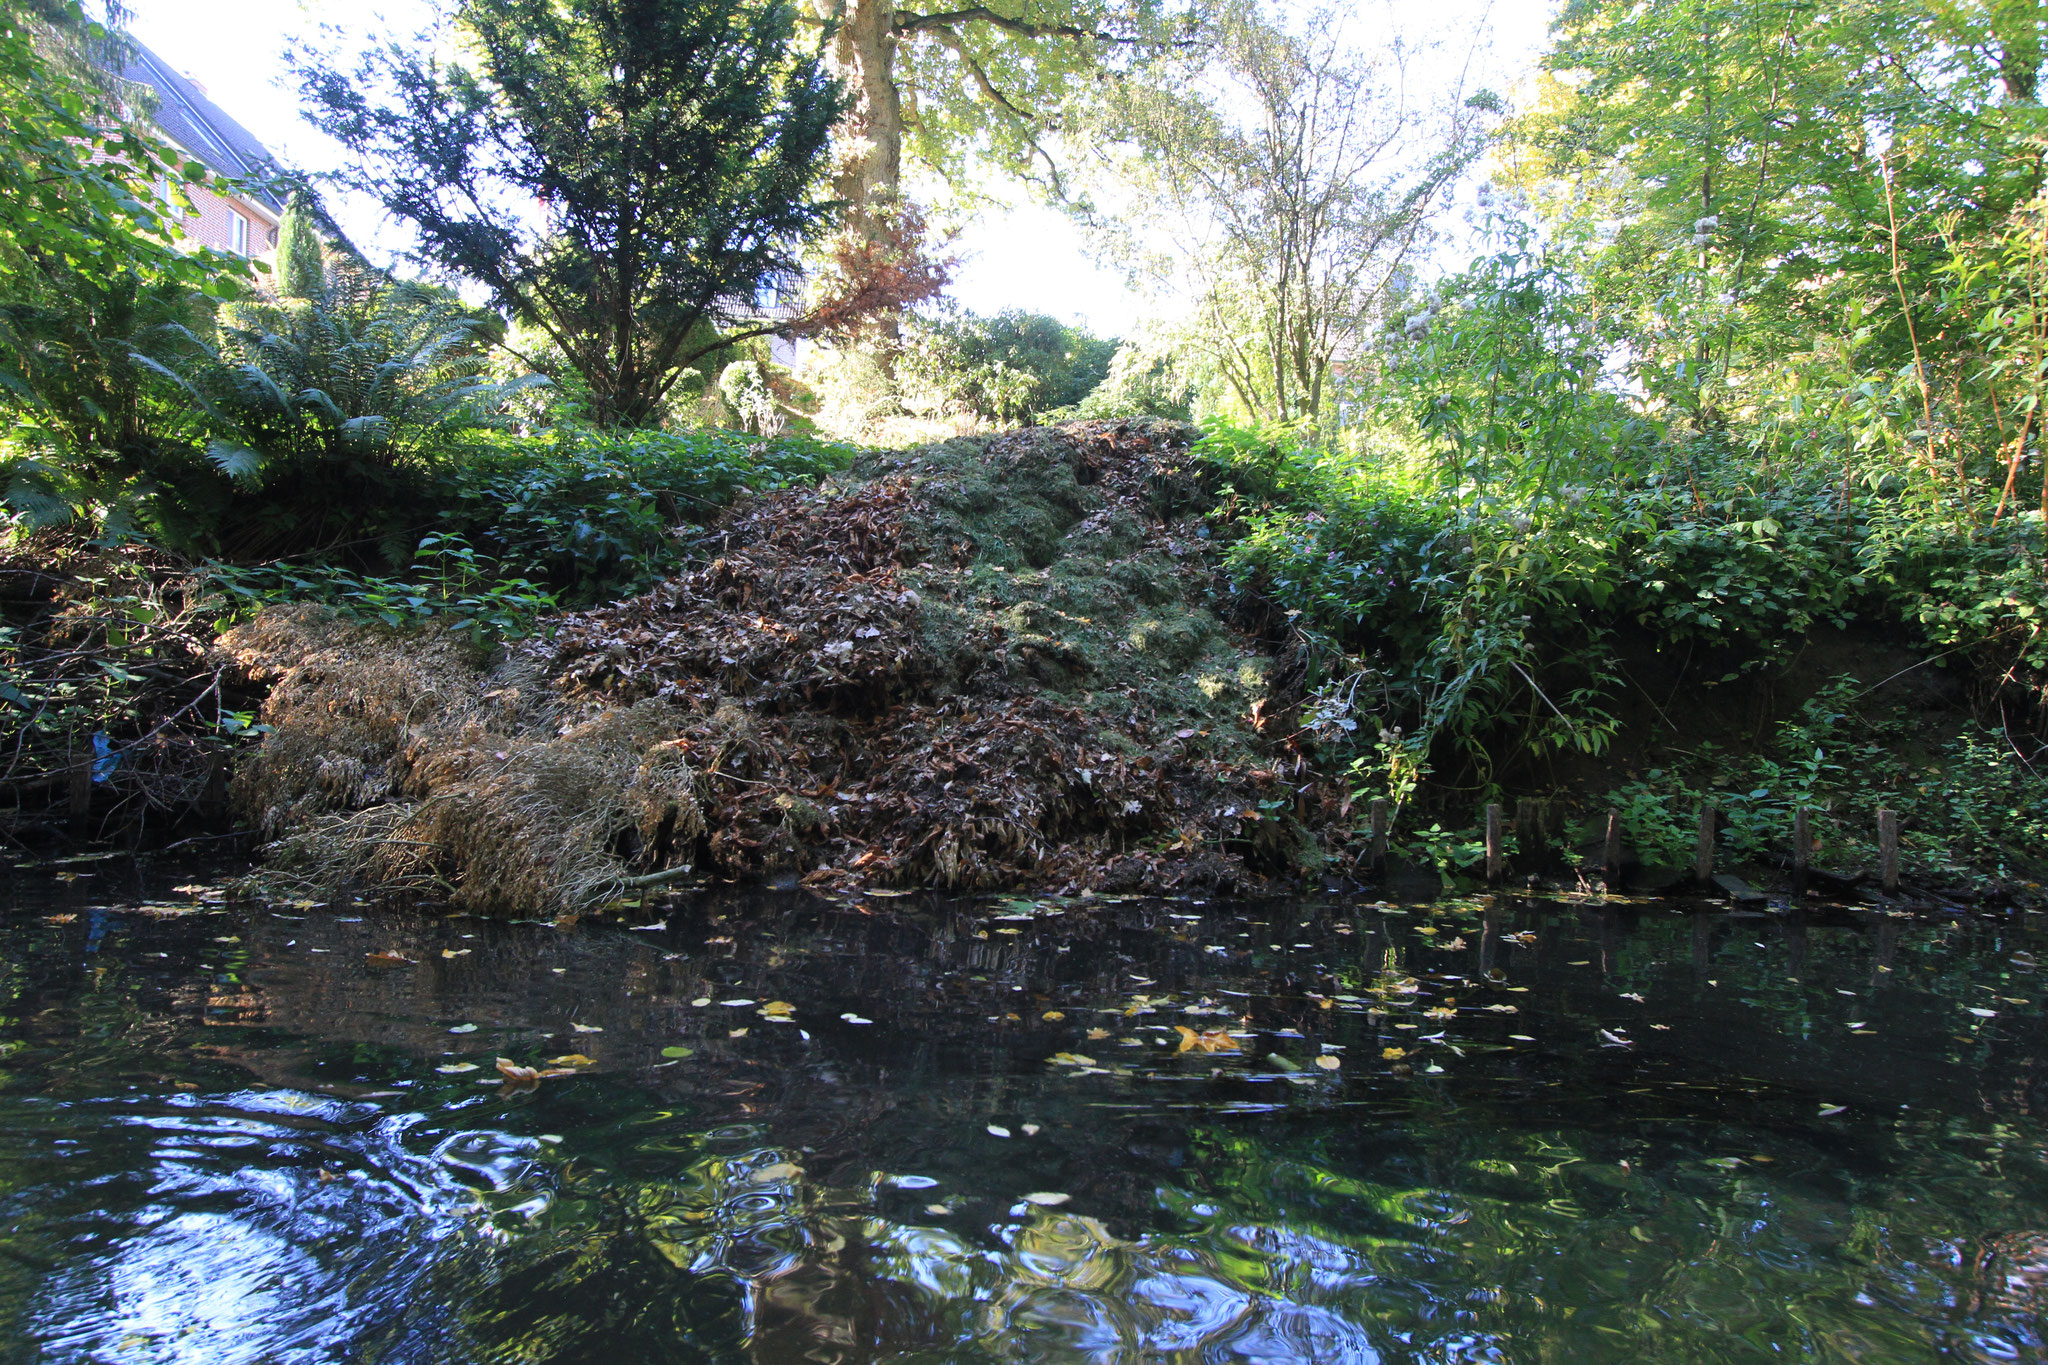 Wichtige Lebensraumstrukturen werden von den Abfällen übrdeckt (Foto: A. Lampe).